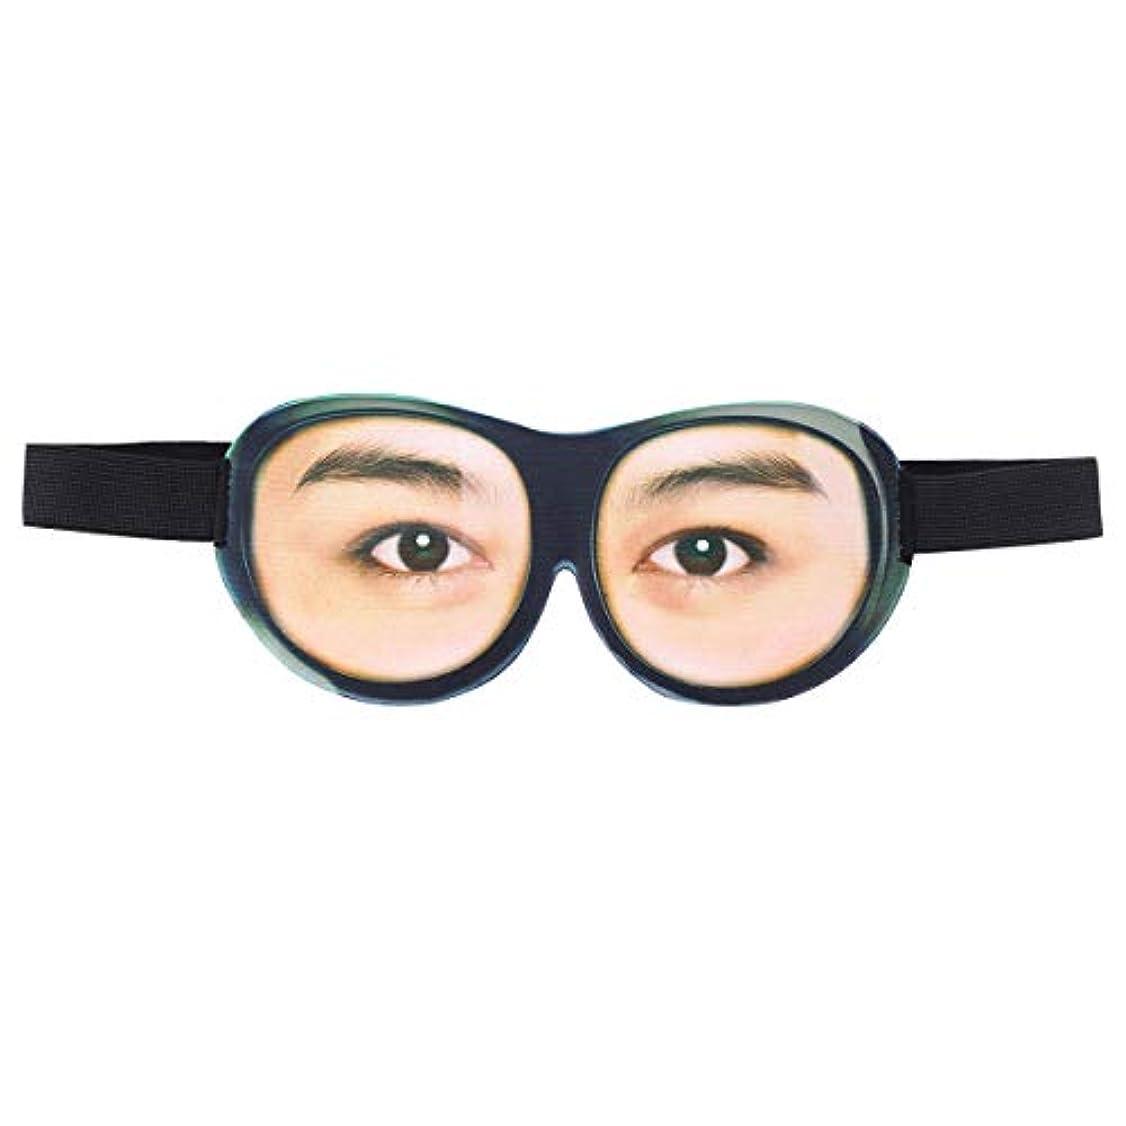 くるくる告発者上級Healifty 3D面白いアイシェード睡眠マスク旅行アイマスク目隠し睡眠ヘルパーアイシェード男性女性旅行昼寝と深い眠り(優しいふりをする)